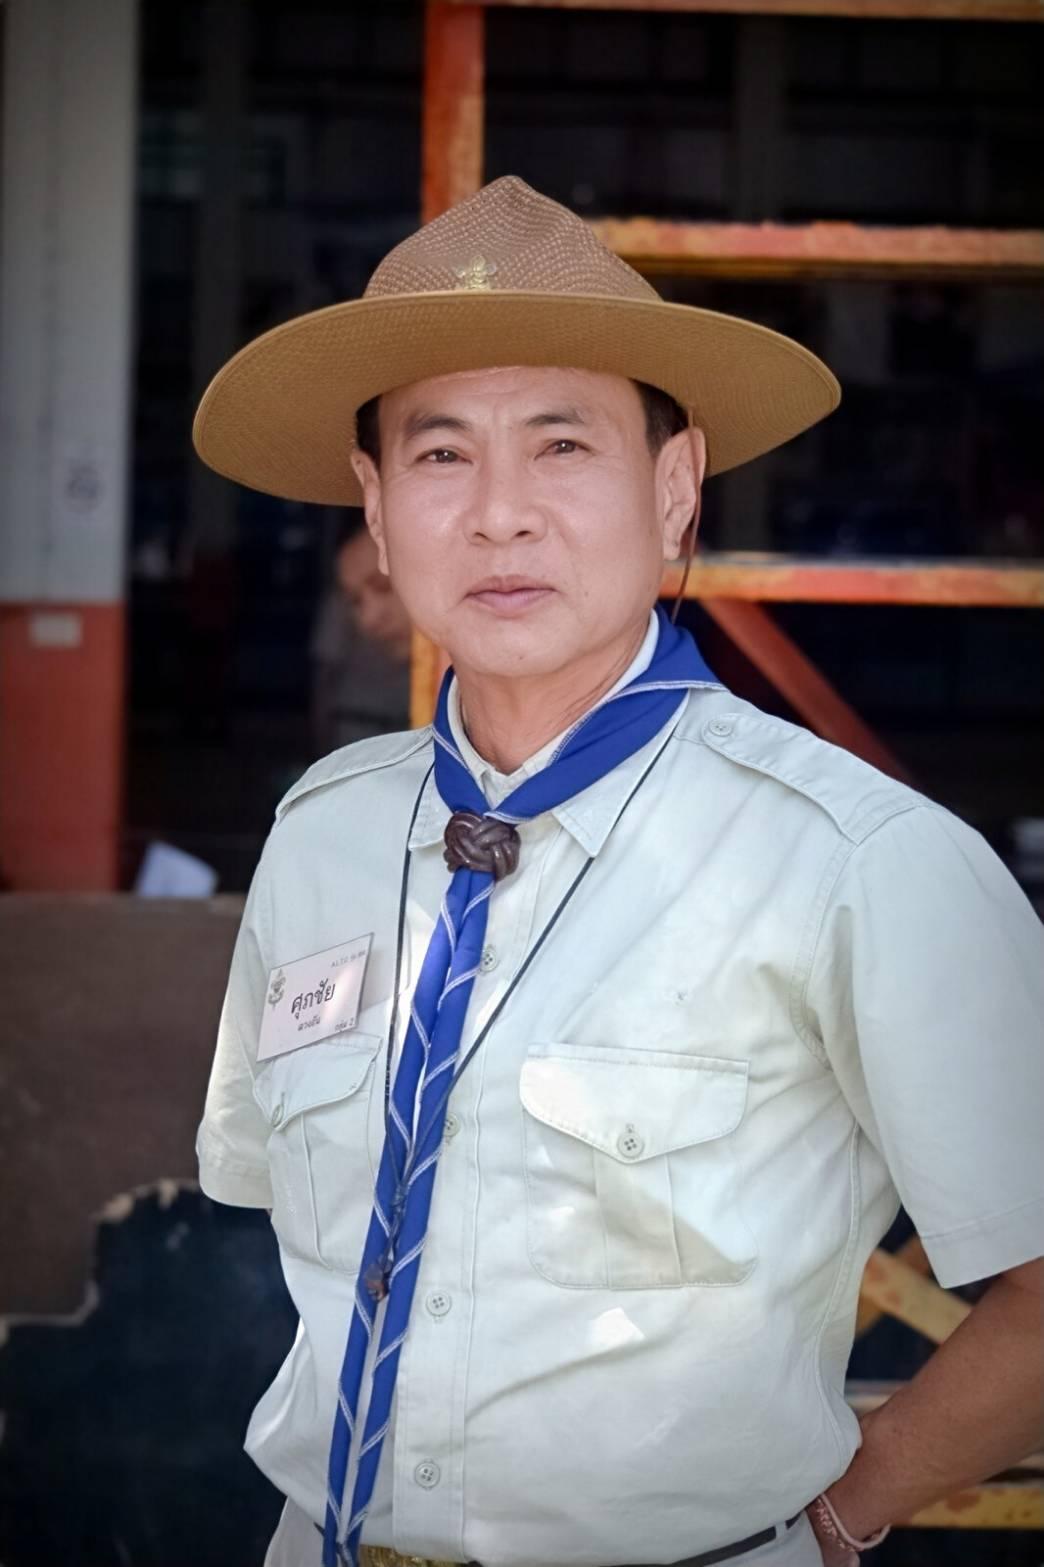 นายศุภชัย ดวงอันผู้อำนวยการโรงเรียนบ้านหนองแวงบวรวิทย์โทร : 089-6234391Email : supachai.d1@hotmail.com